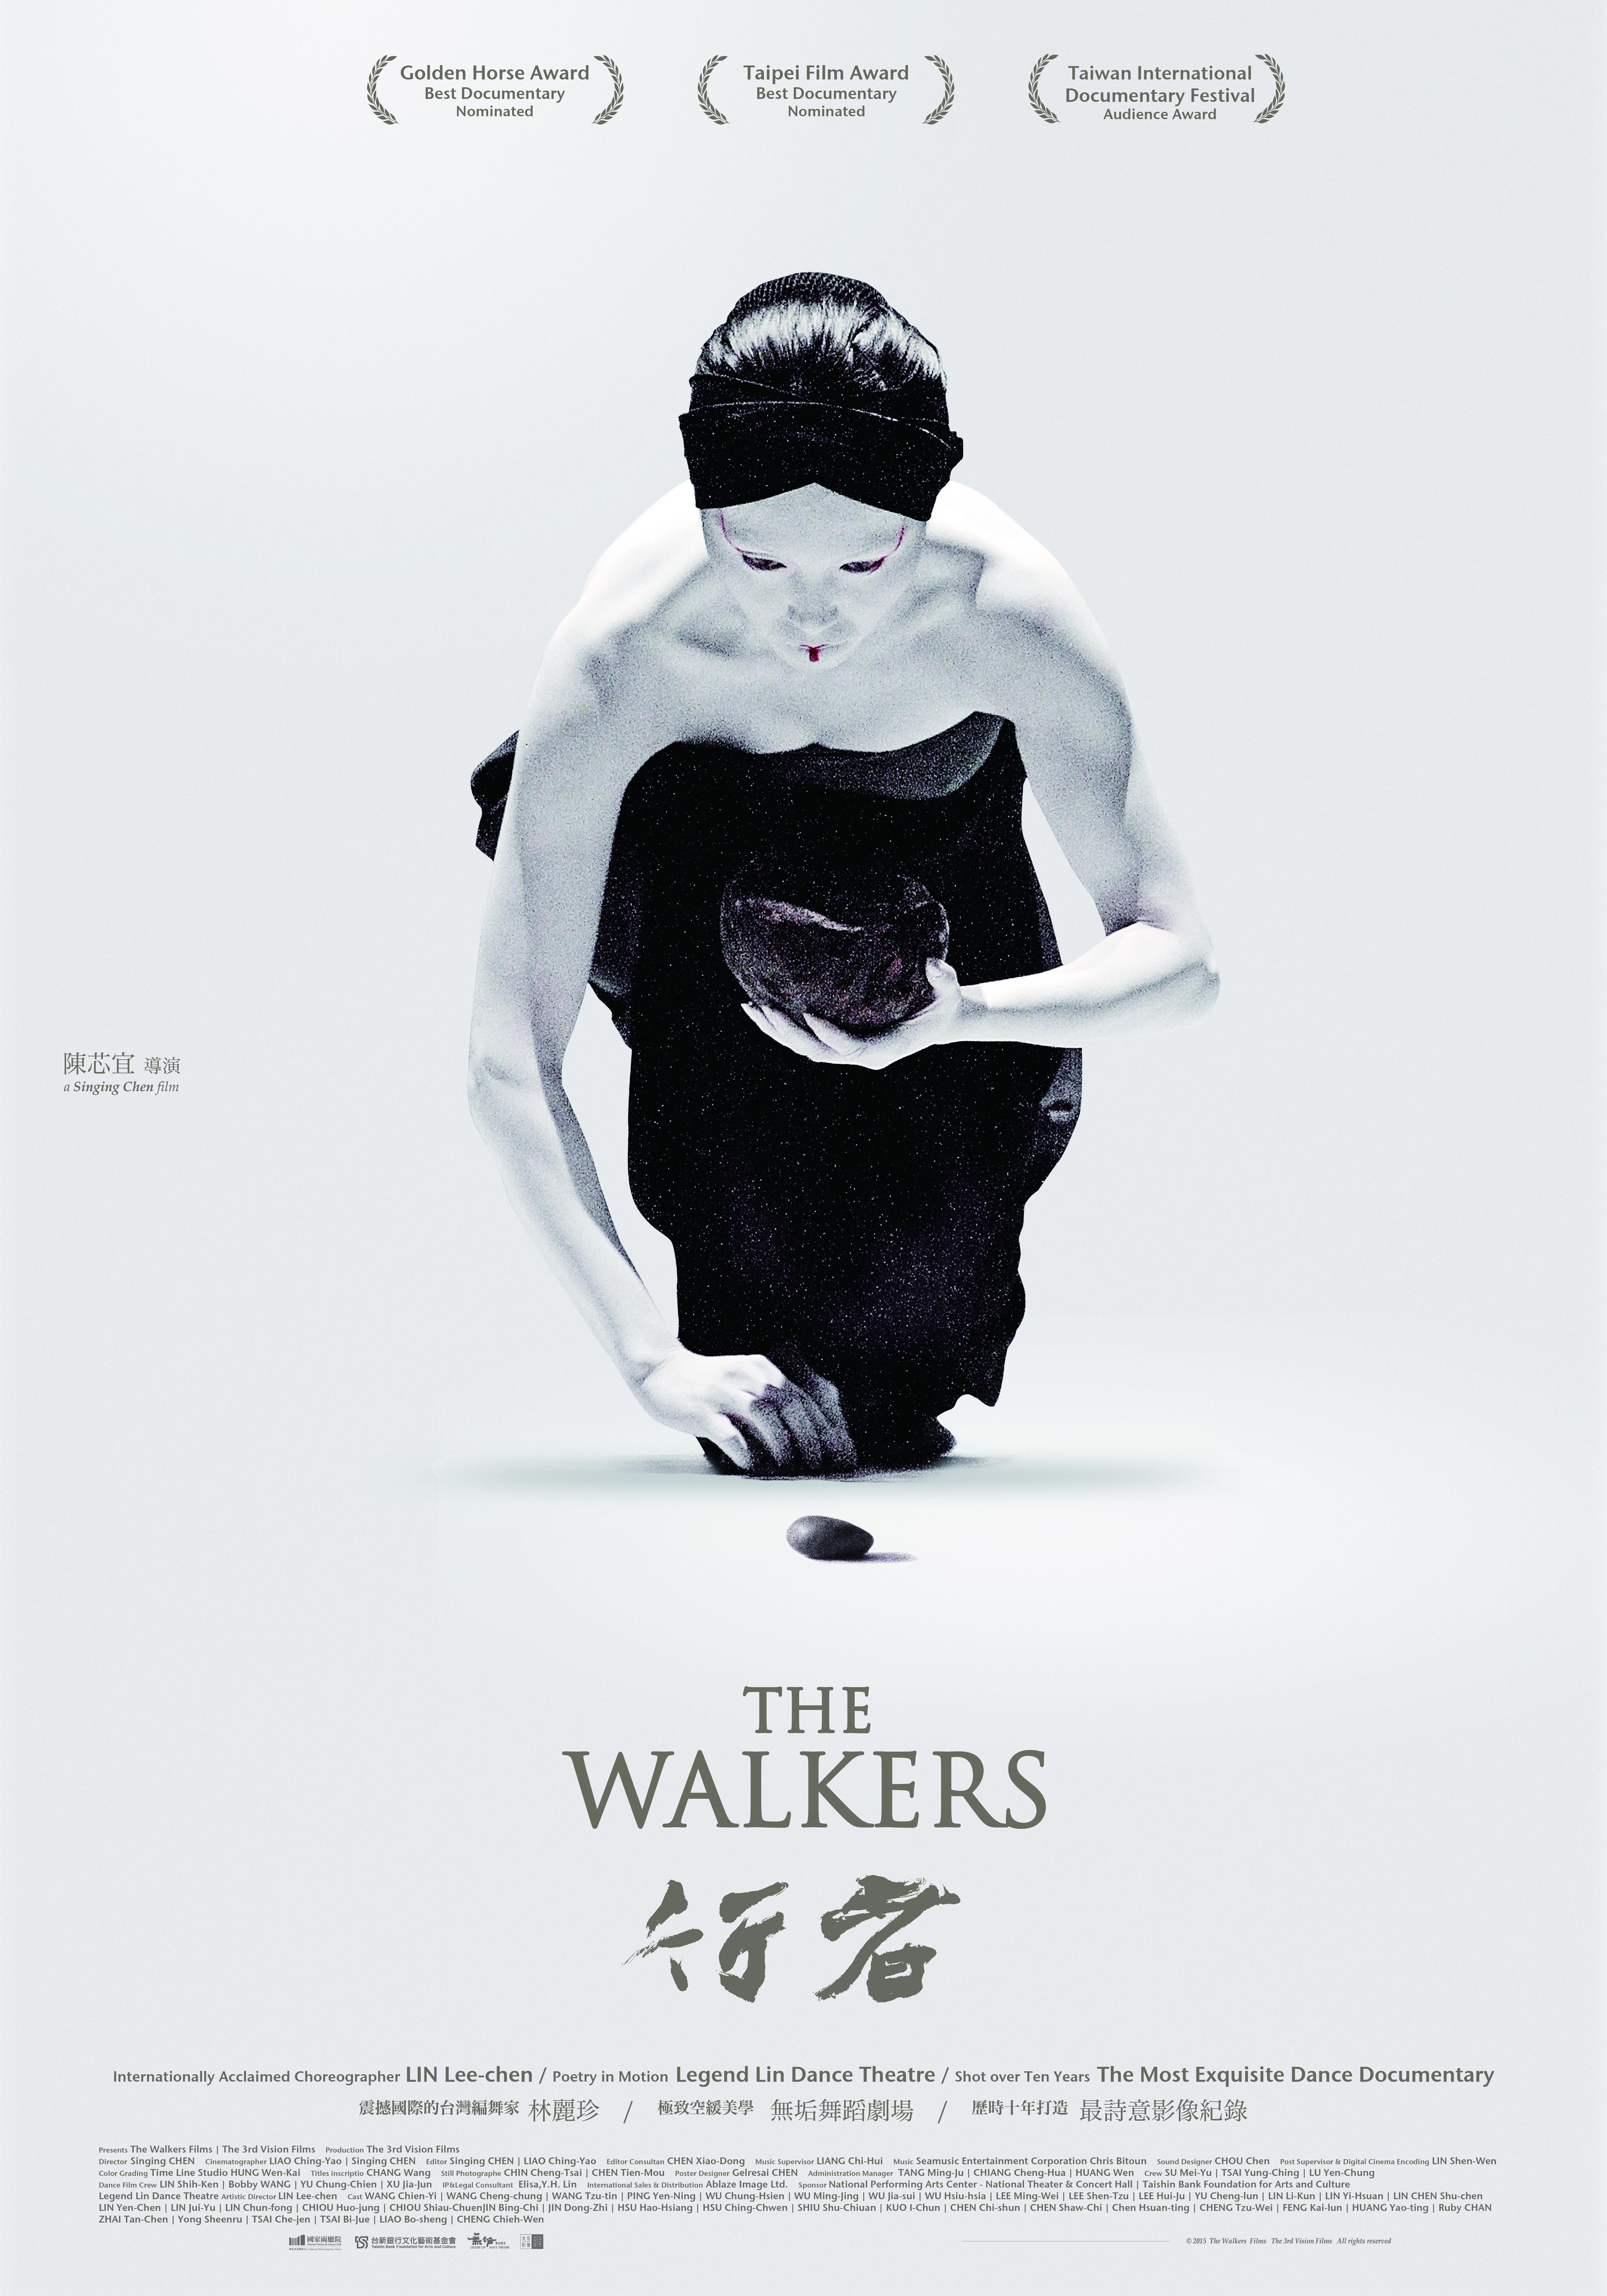 行者 The walkers